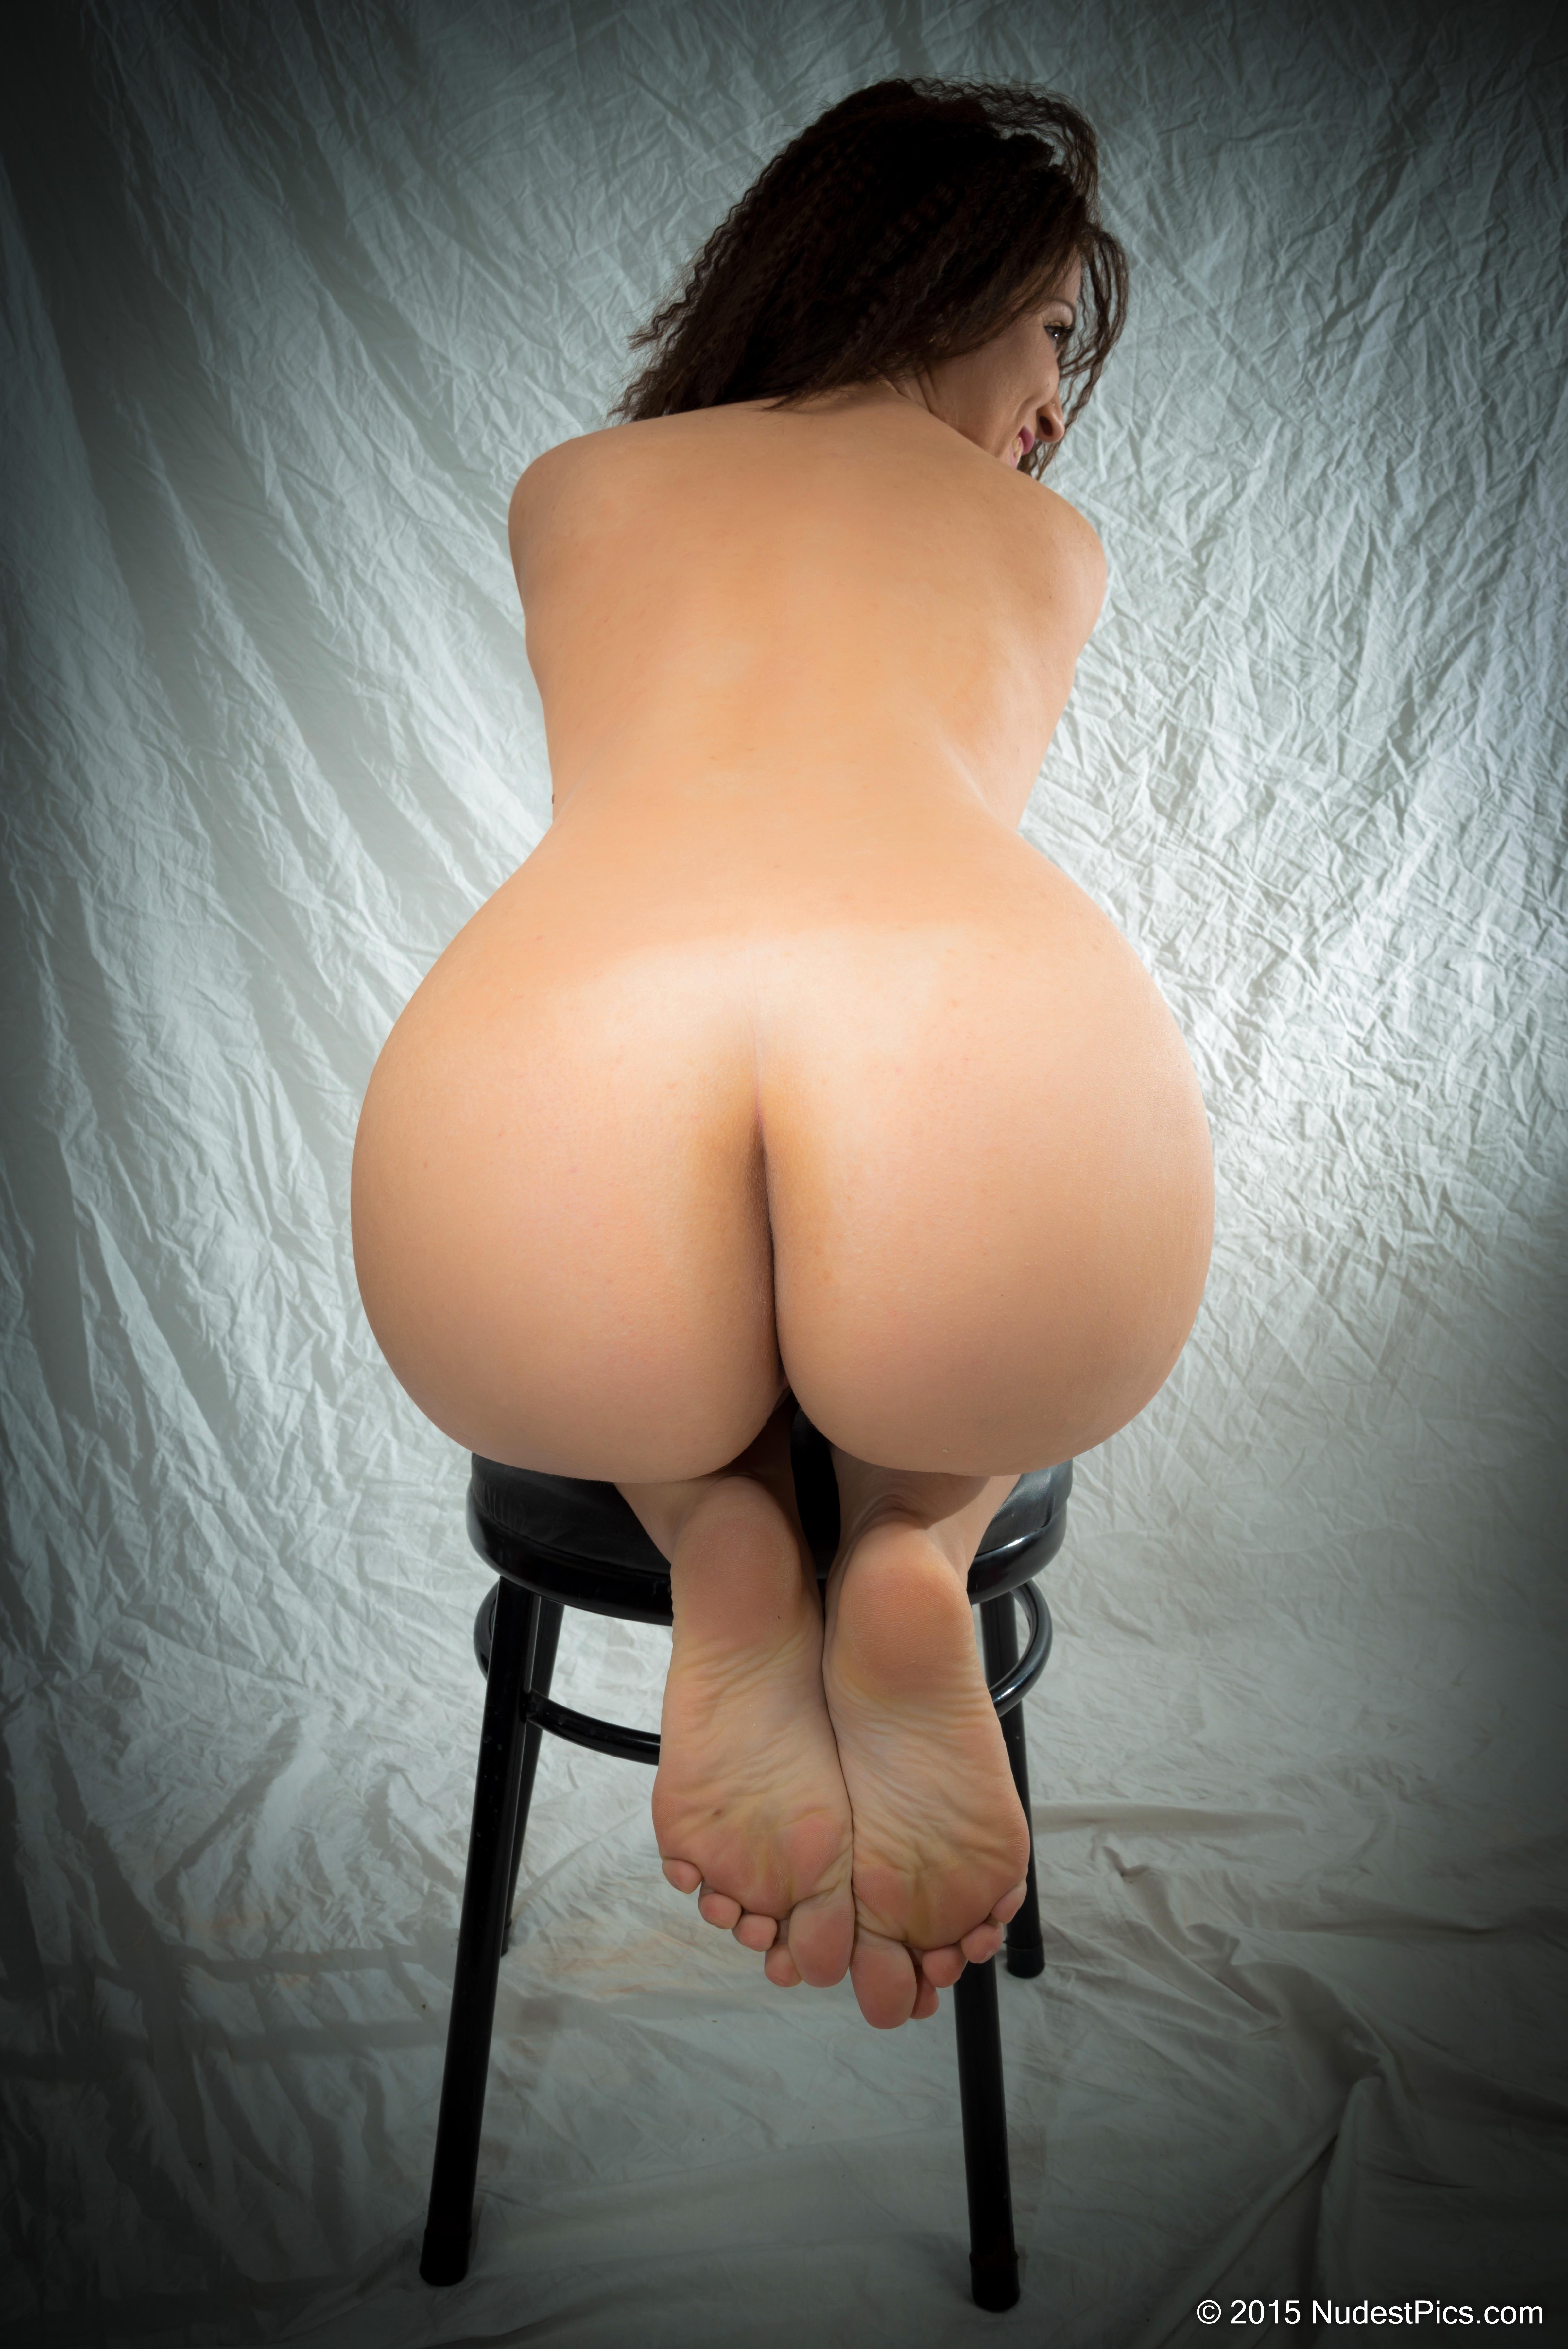 Plump Girl's Bare Butt HD